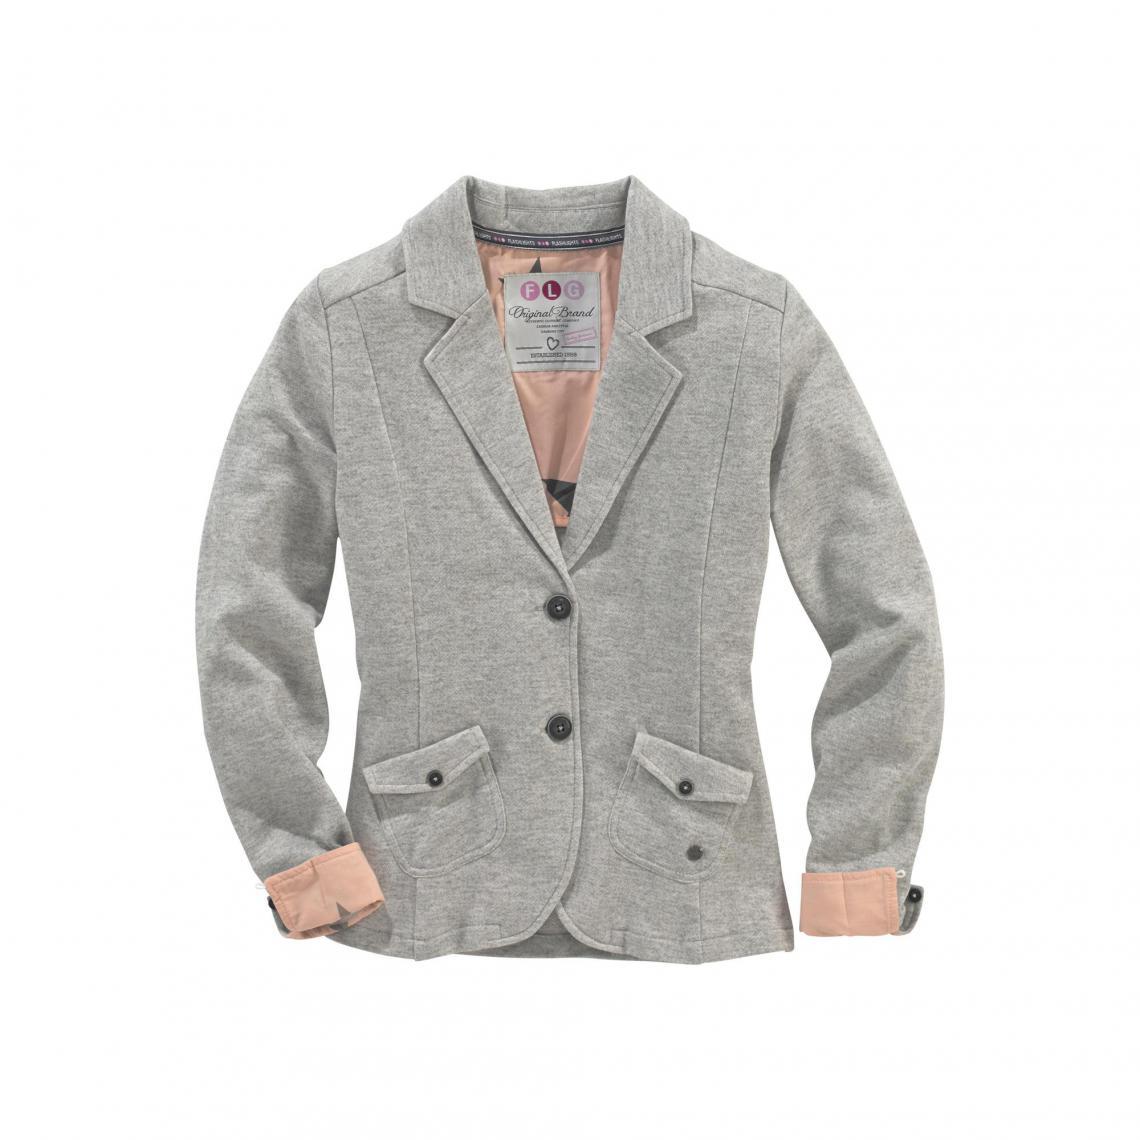 veste blazer gris femme les 3 suisses